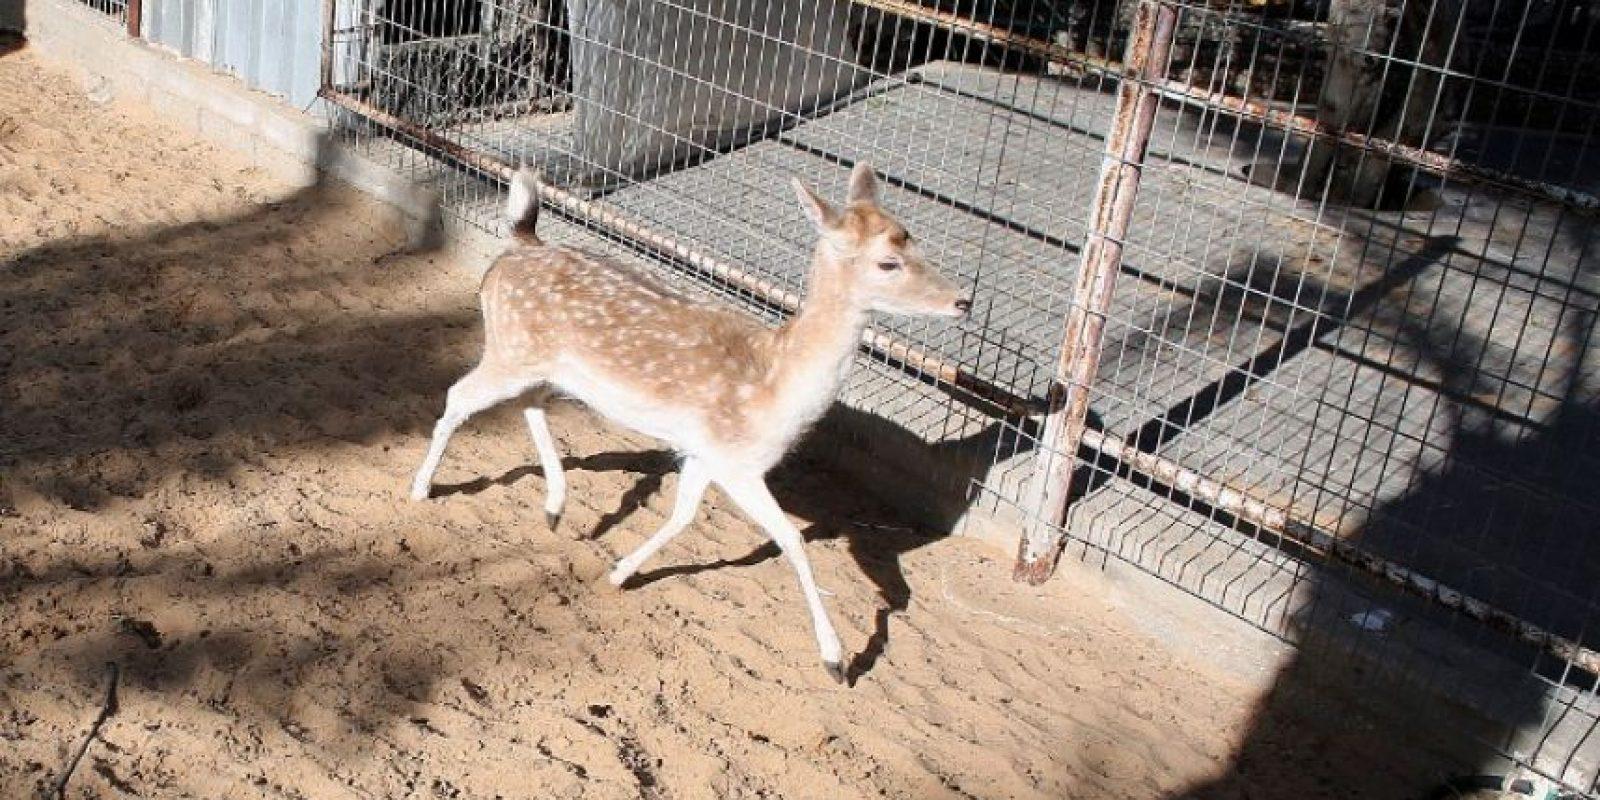 Uno de los zoológicos más tristes del mundo Foto:AFP